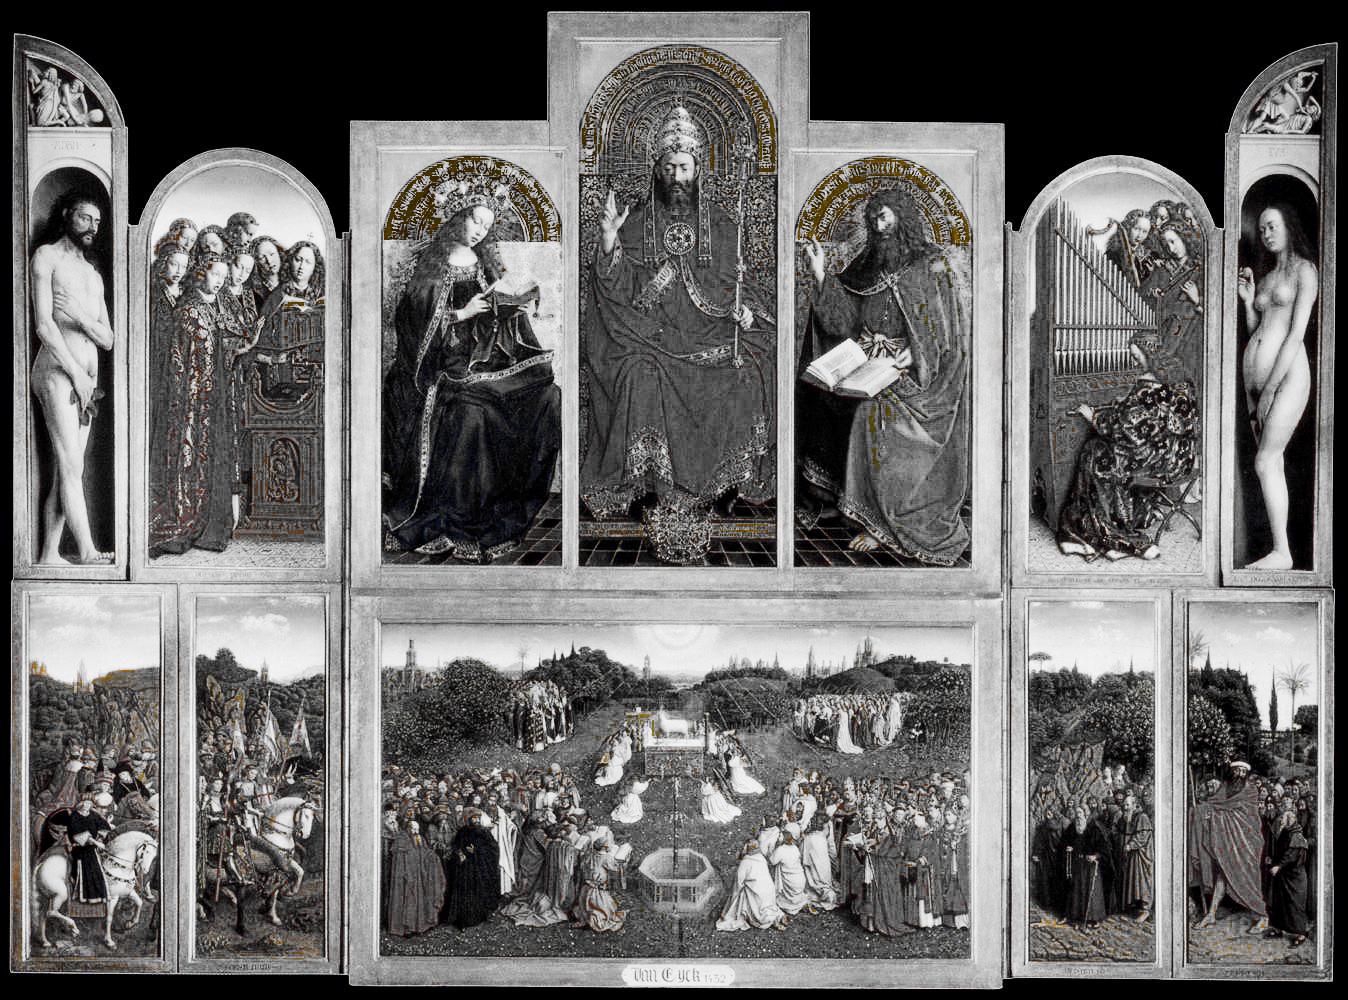 Matrimonio Romano El Rincon Del Vago : Encuentra aquí información de arte gótico para tu escuela